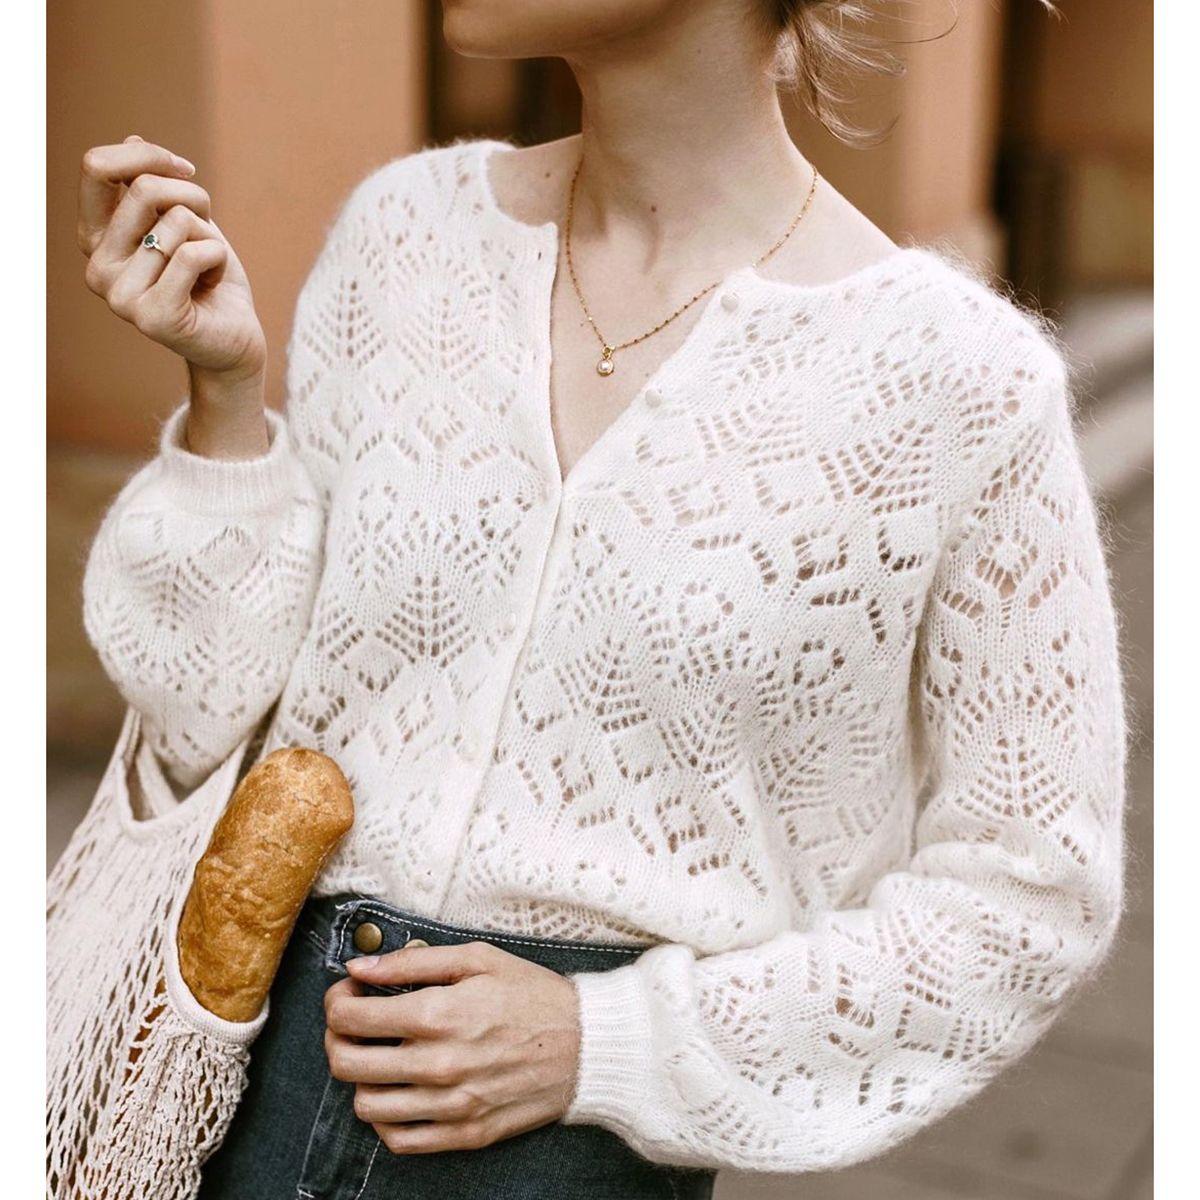 Hohlbohrung heraus Strickjacke von Vintage Herbst den Hals lang lässig Sleeve Pullover 2020 Lady Office Pullover Frauen Winter Mode